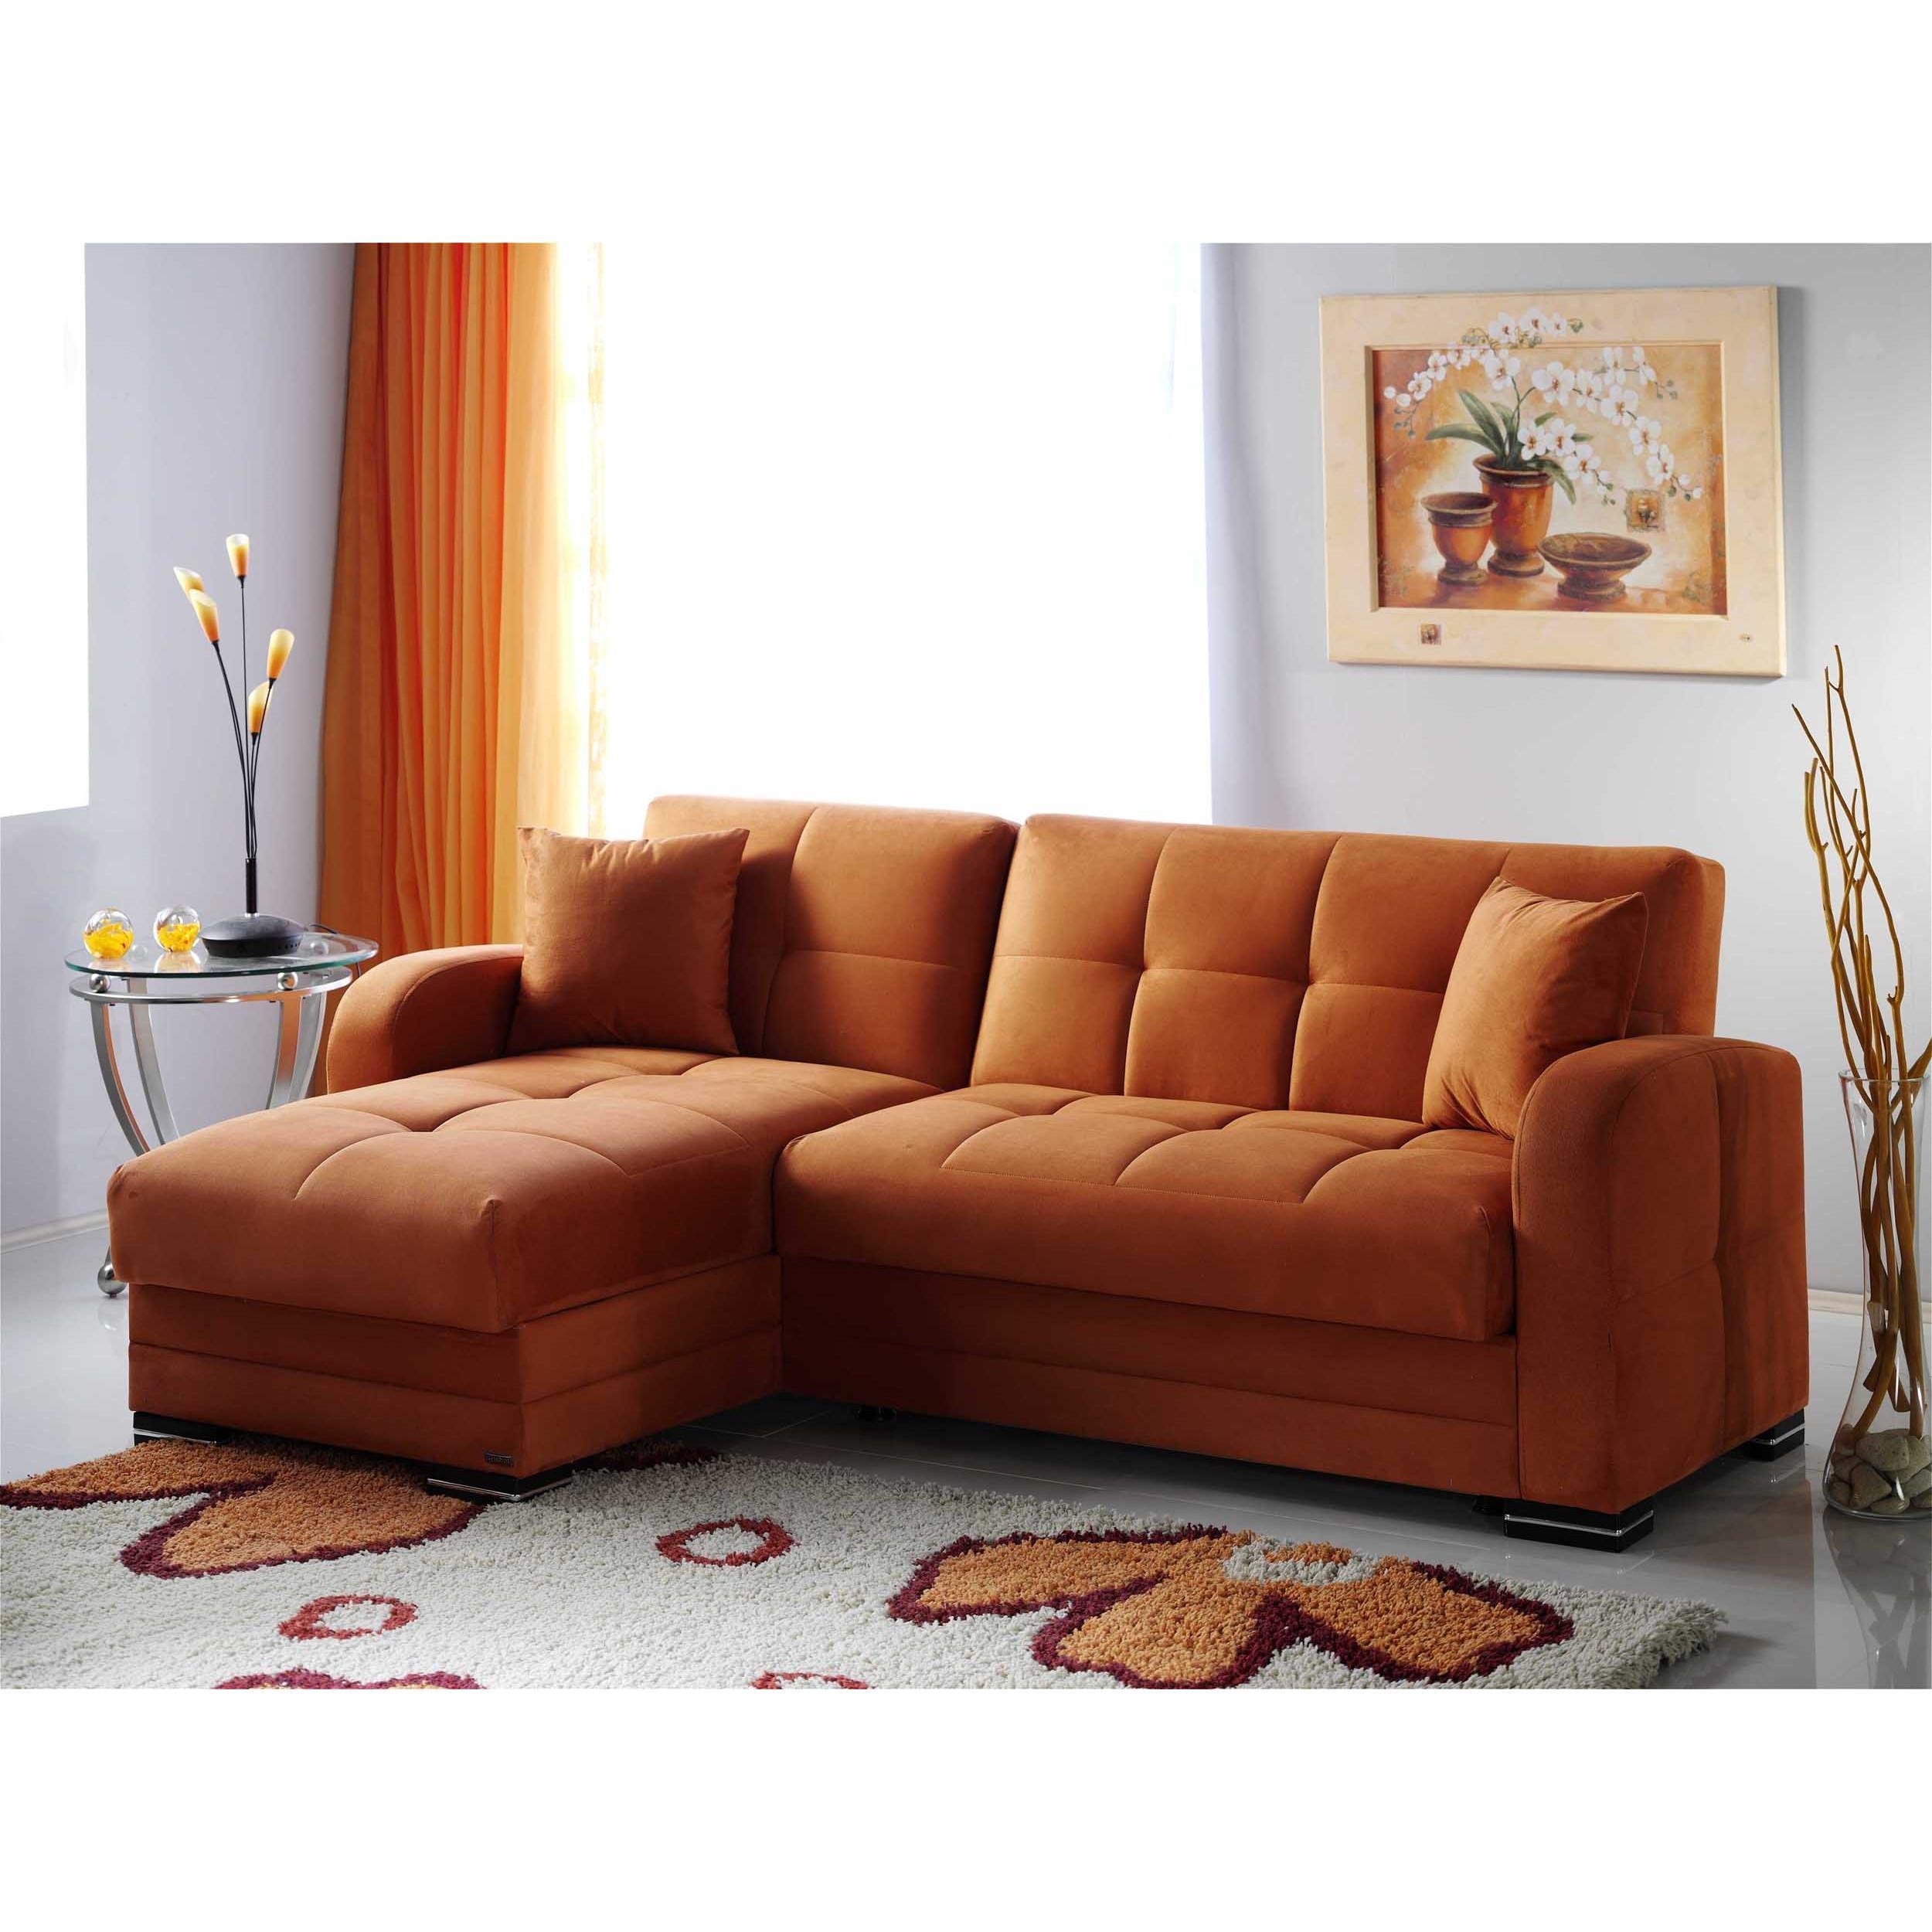 Kubo Rainbow Orange Sectional Sofasunset inside Orange Sectional Sofa